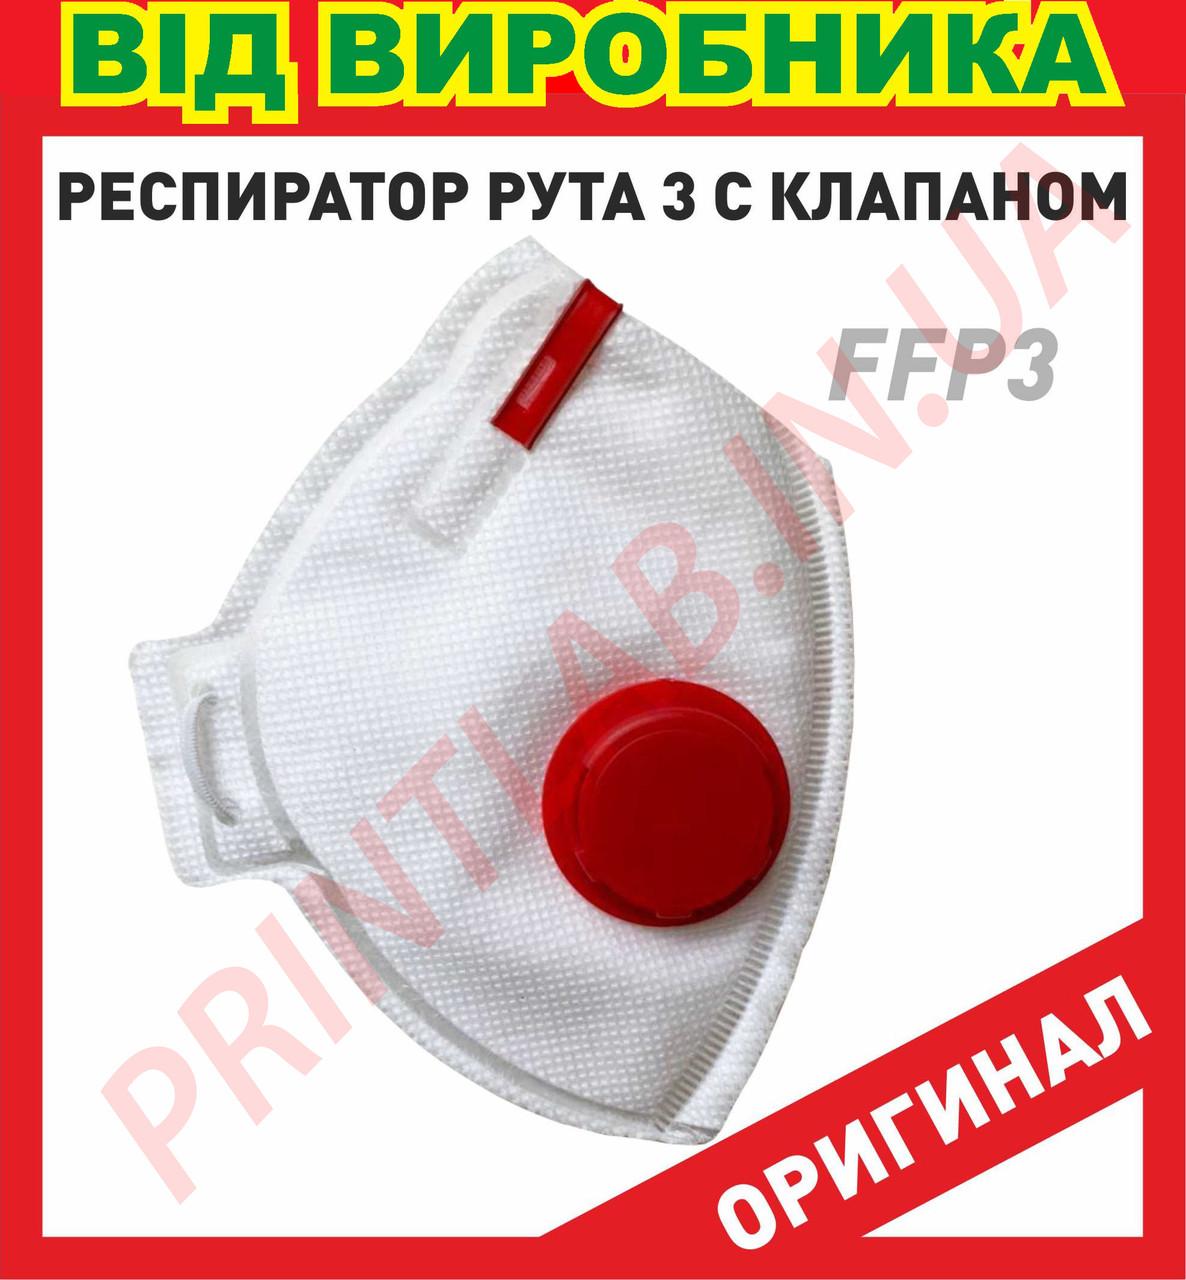 Респиратор RUTA FFP3 Защитная маска-респиратор FFP3 С КРАСНЫМ КЛАПАНОМ выдоха Рута ФФП3 распиратор